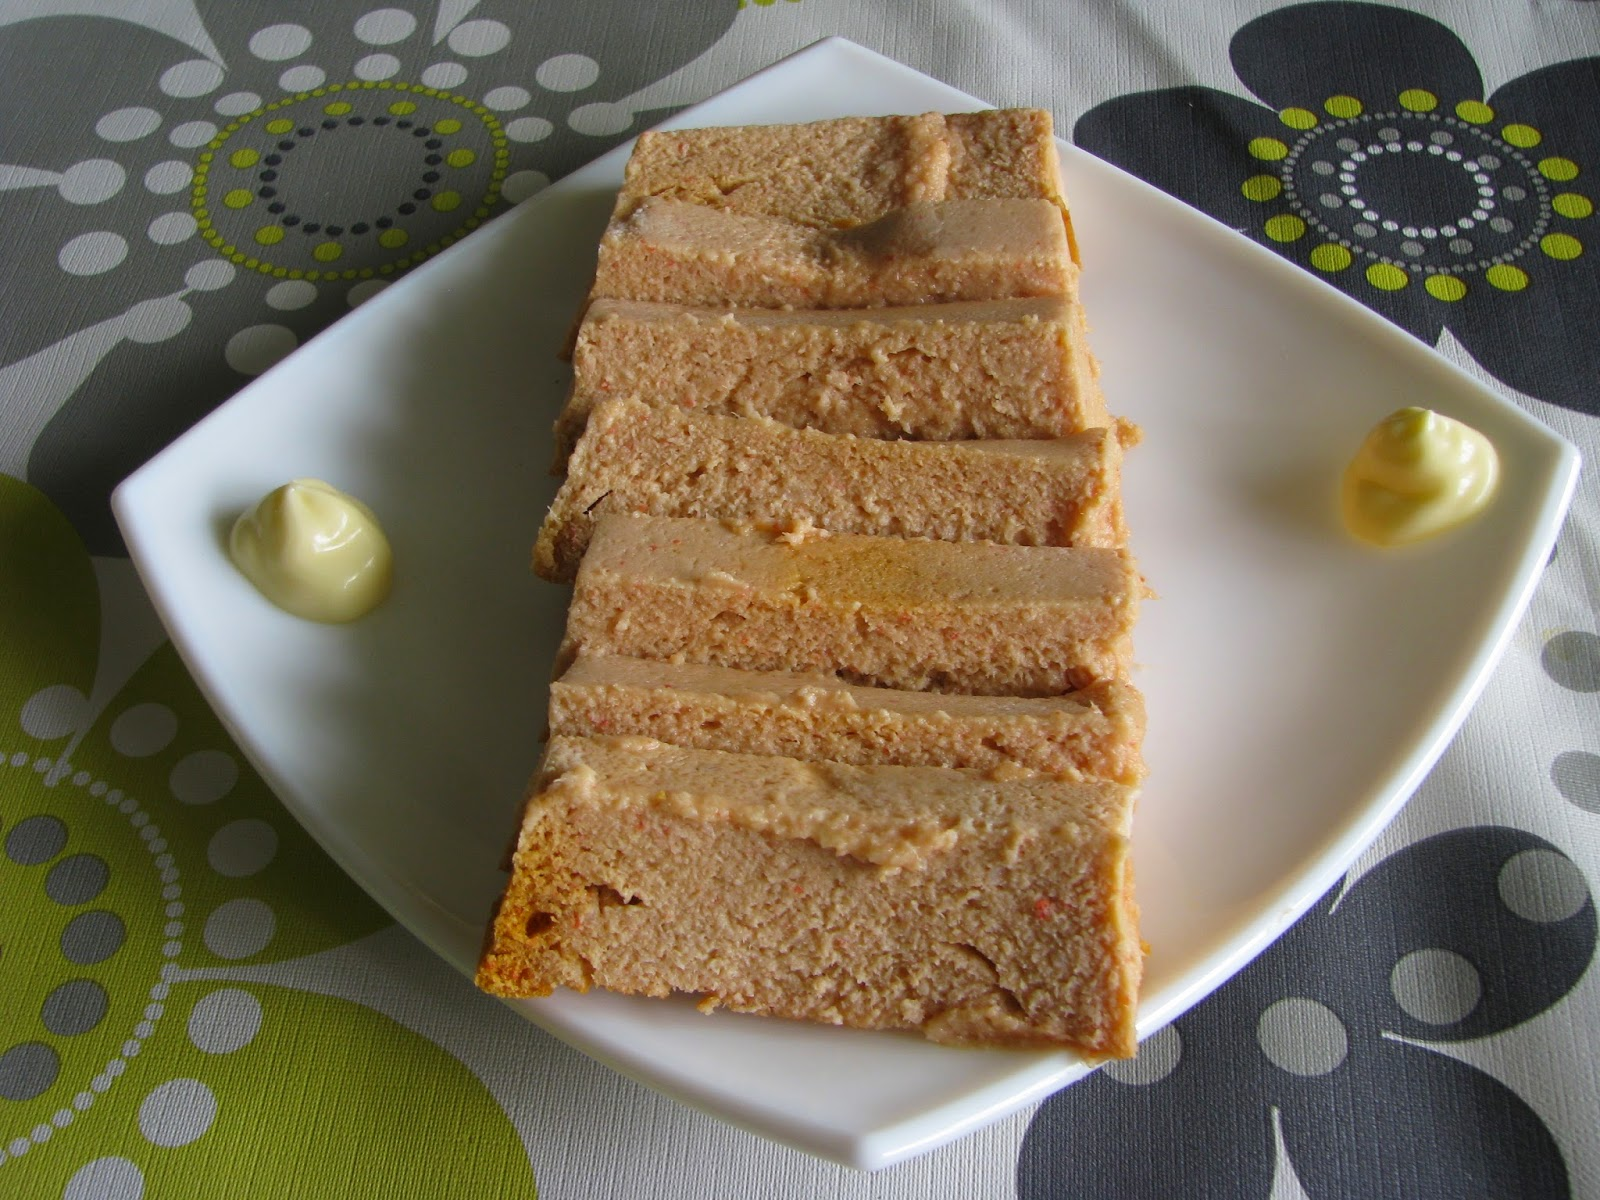 Recetas para cocinillas pastel de at n al microondas - Bizcocho microondas isasaweis ...